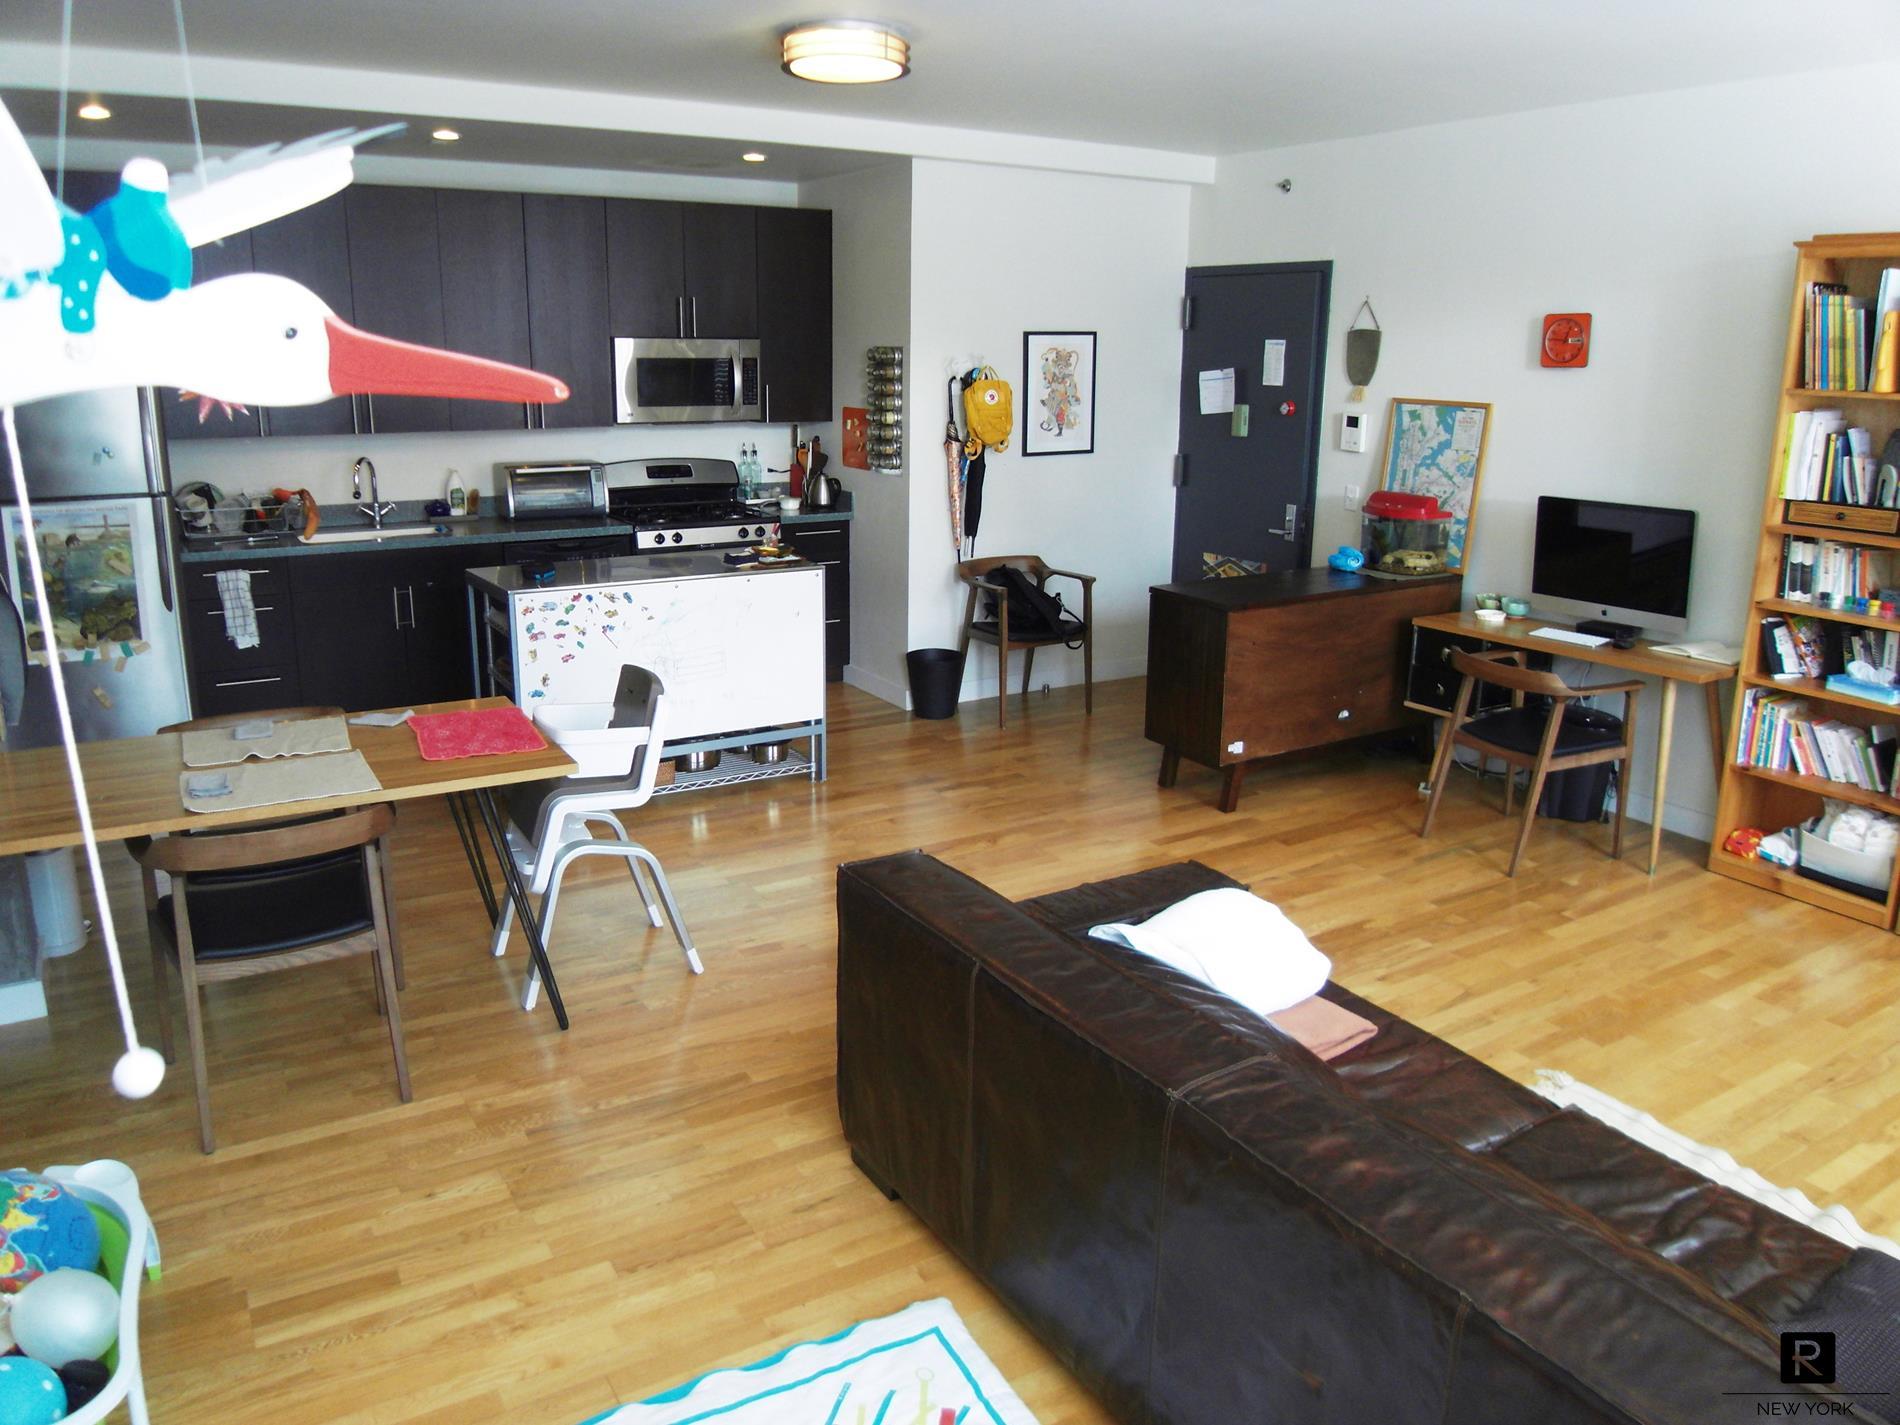 999 Willoughby Avenue, Apt 4-B, Brooklyn, New York 11221